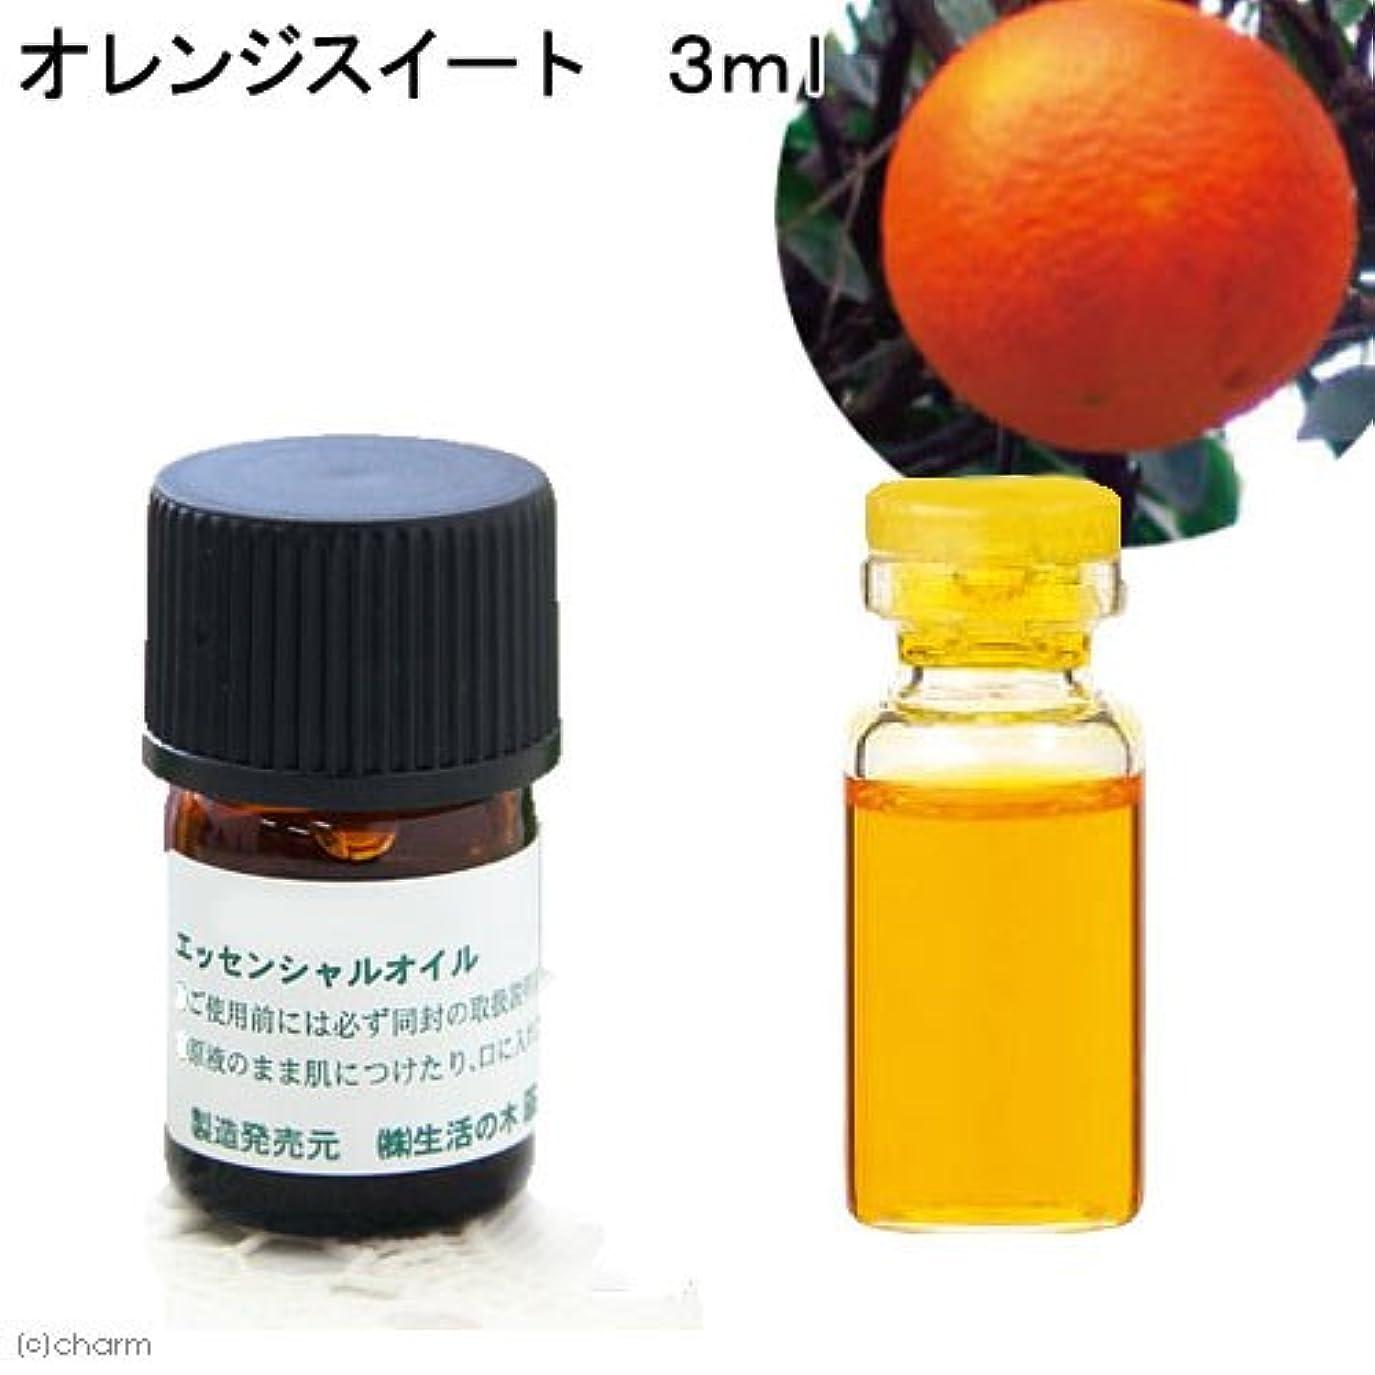 コインランドリー見落とすメーター生活の木 オレンジスイート 3ml